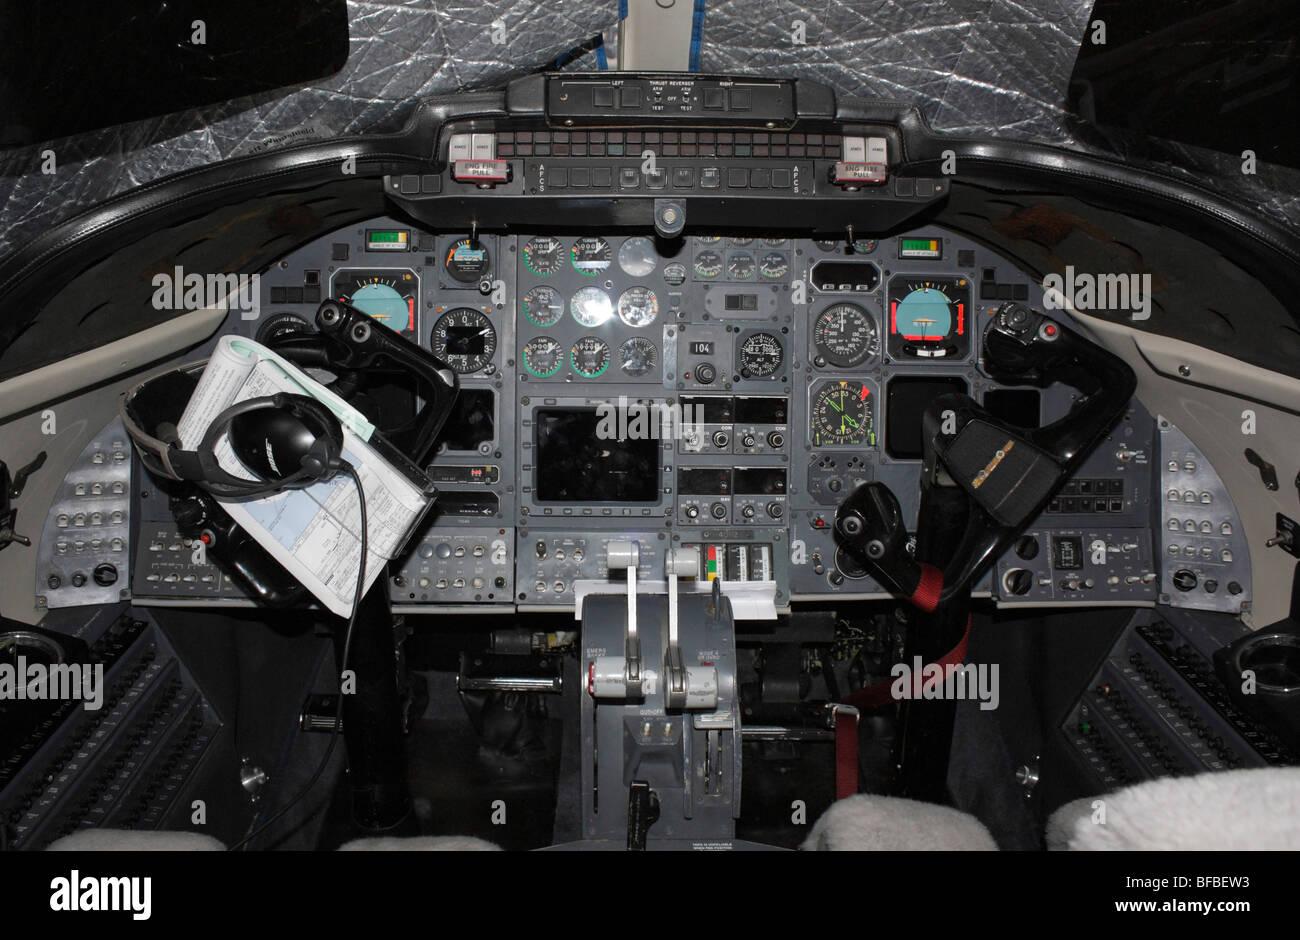 USAF Learjet C-21A cockpit - Stock Image